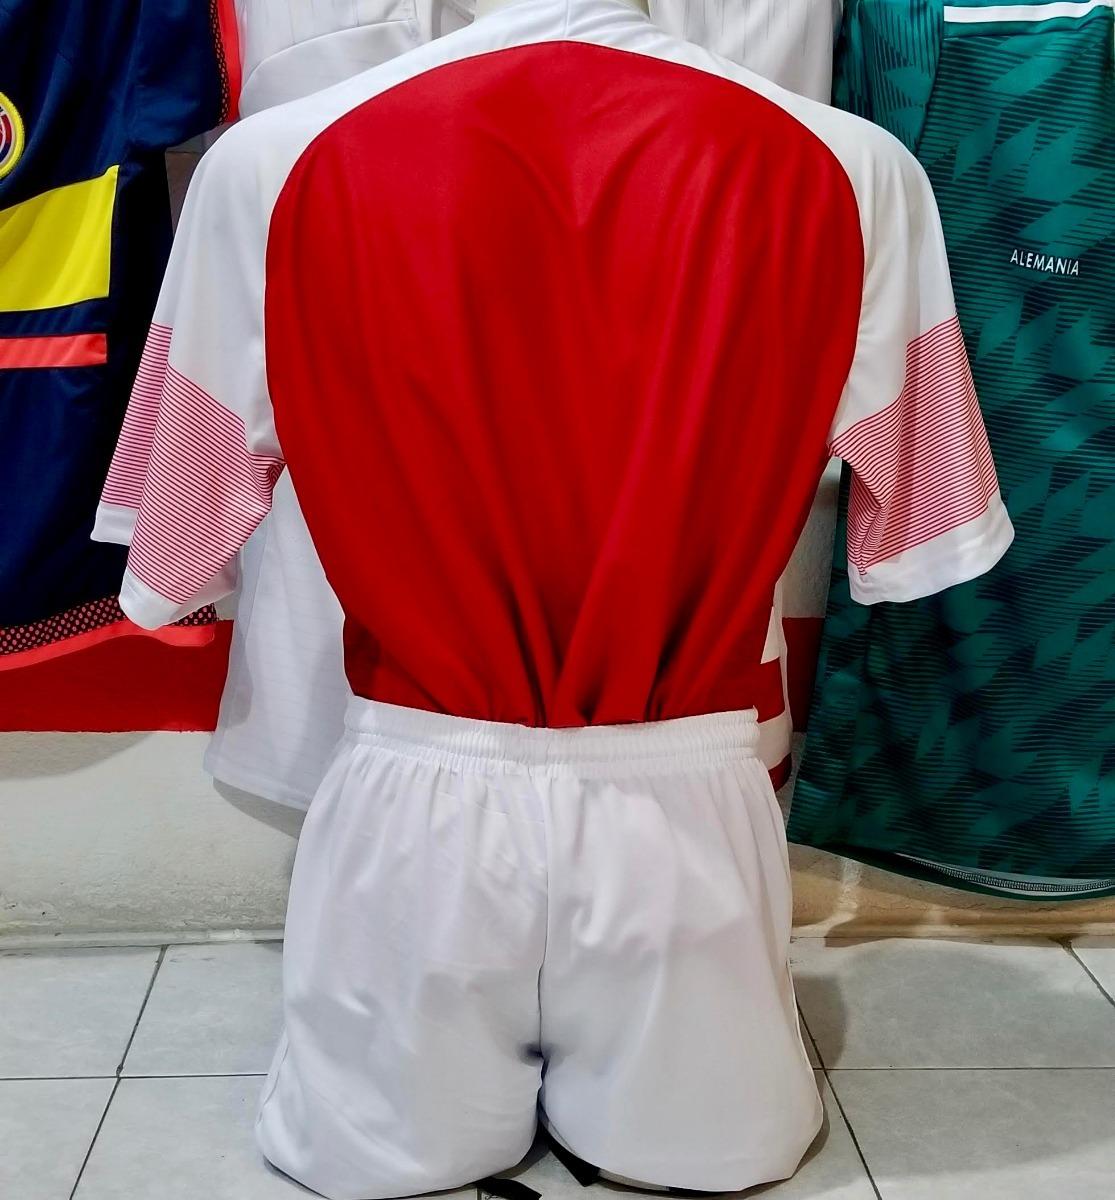 c8cdf68491812 paquete de 10 uniformes de futbol dri-fit arsenal local 2019. Cargando zoom.